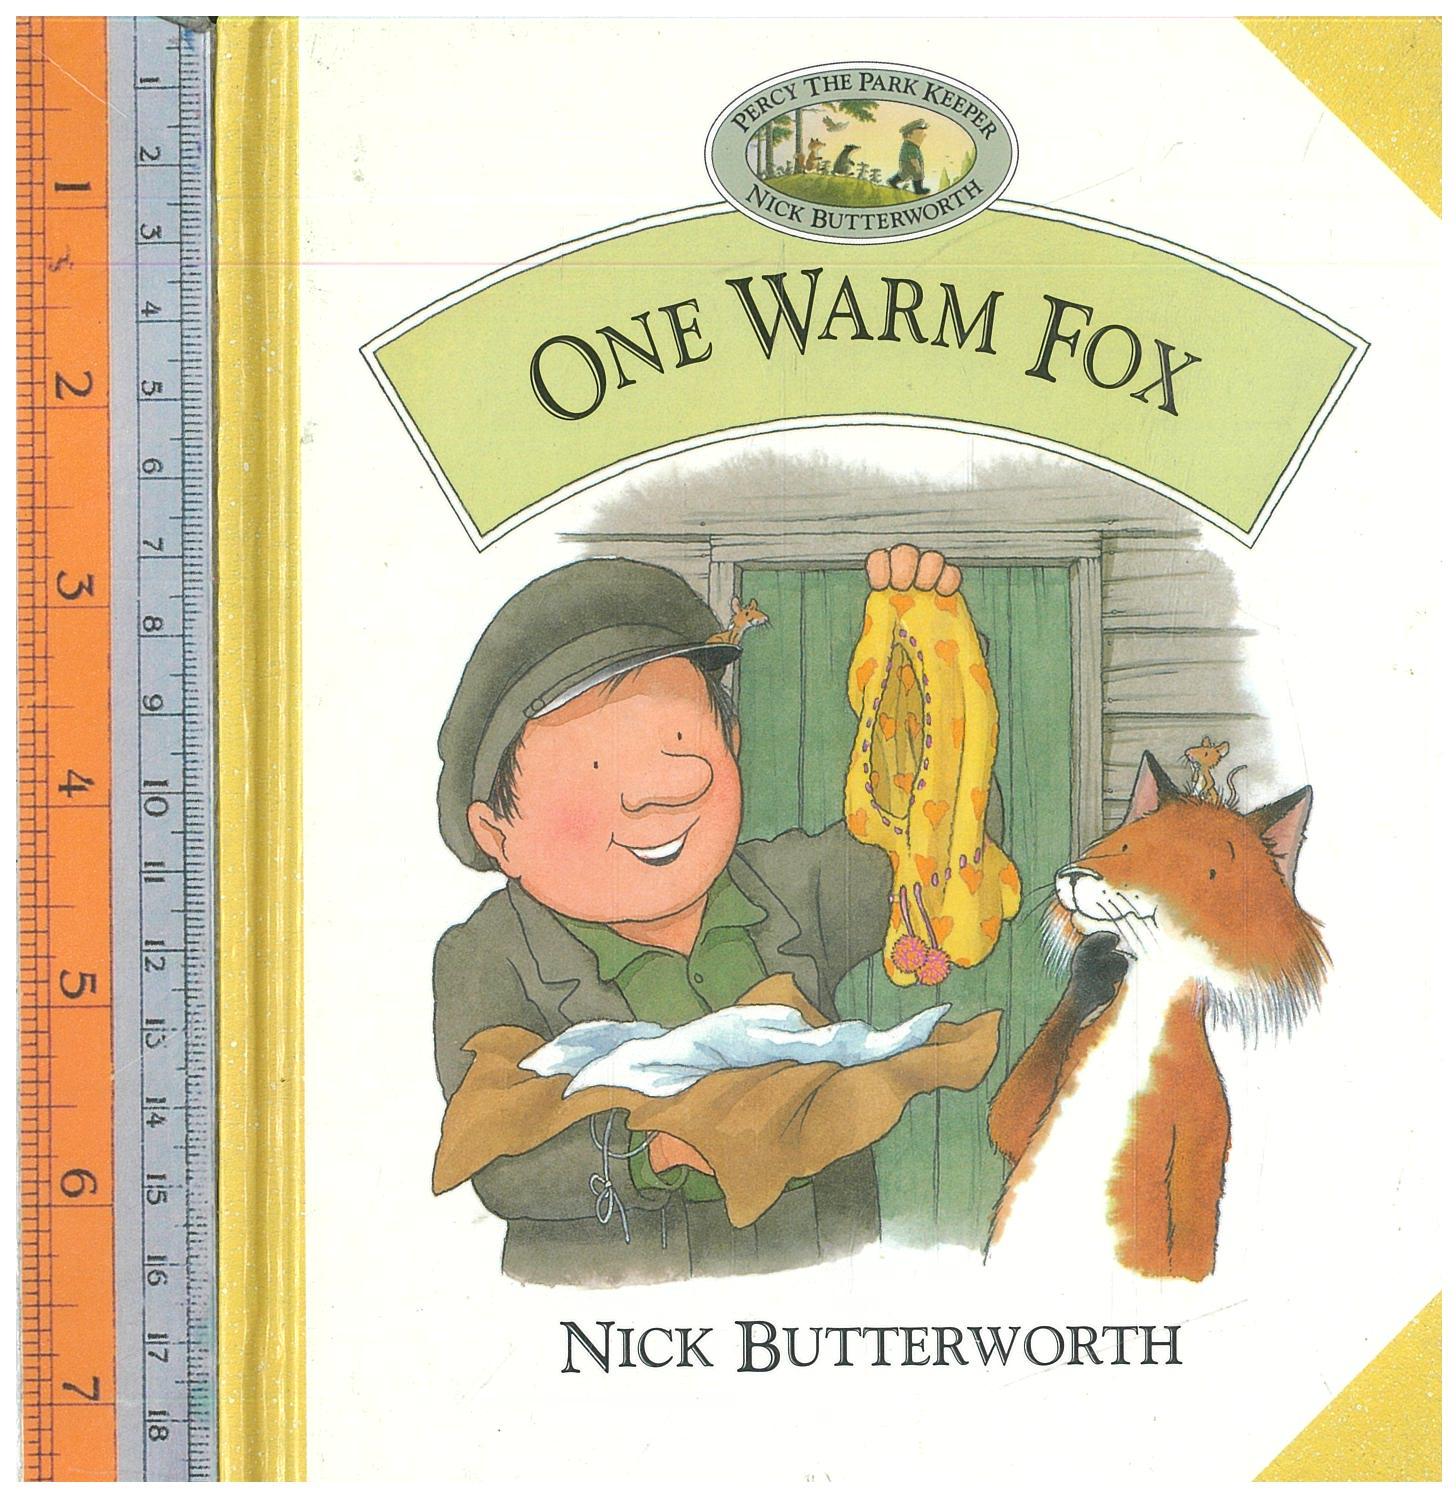 One wram fox